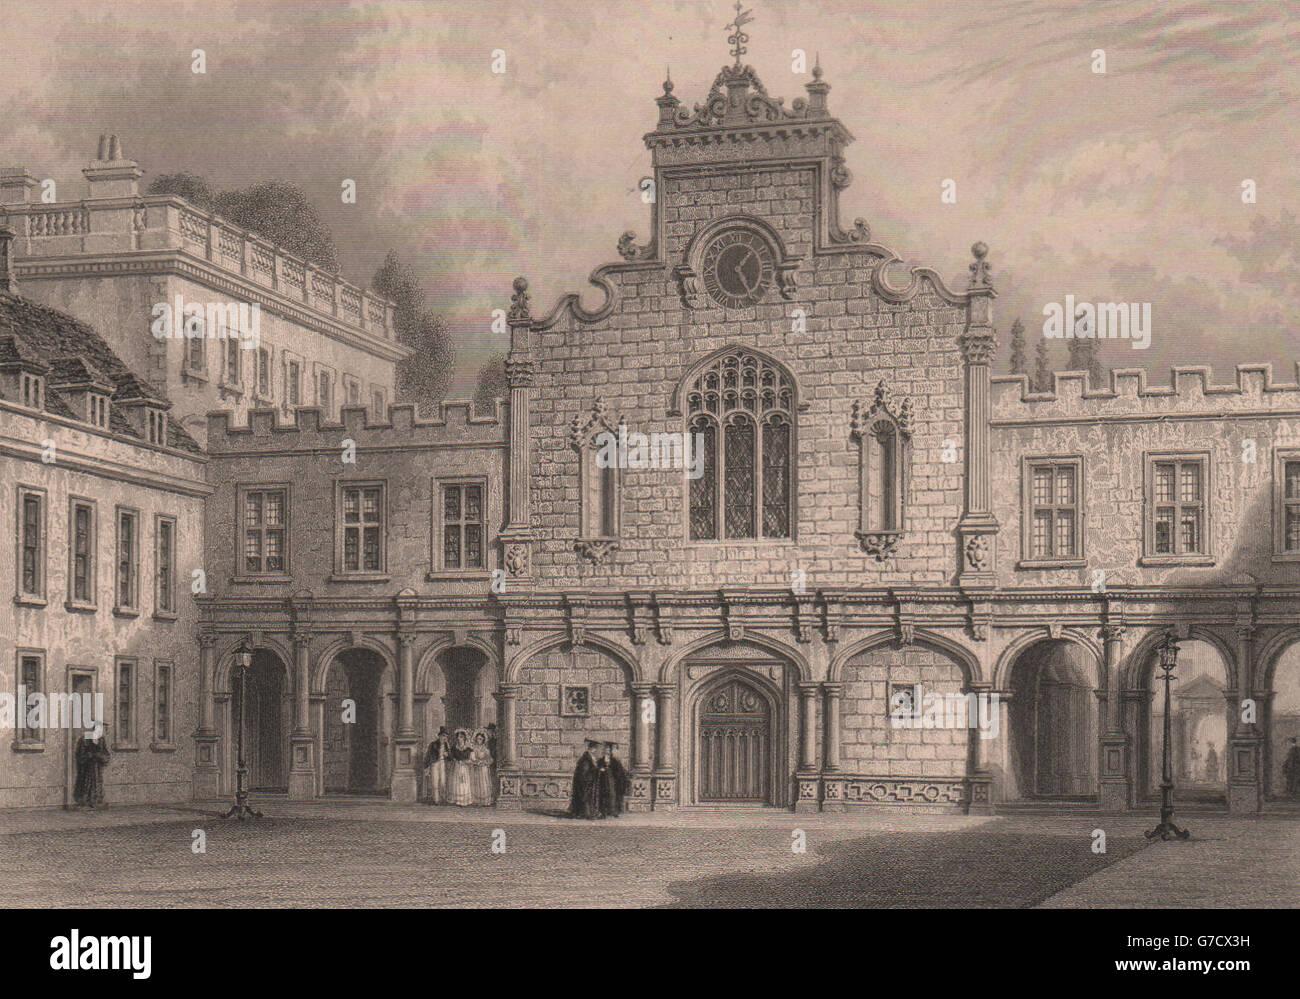 PETERHOUSE, Cambridge. Showing the Chapel. St Peter's College. LE KEUX, 1841 - Stock Image